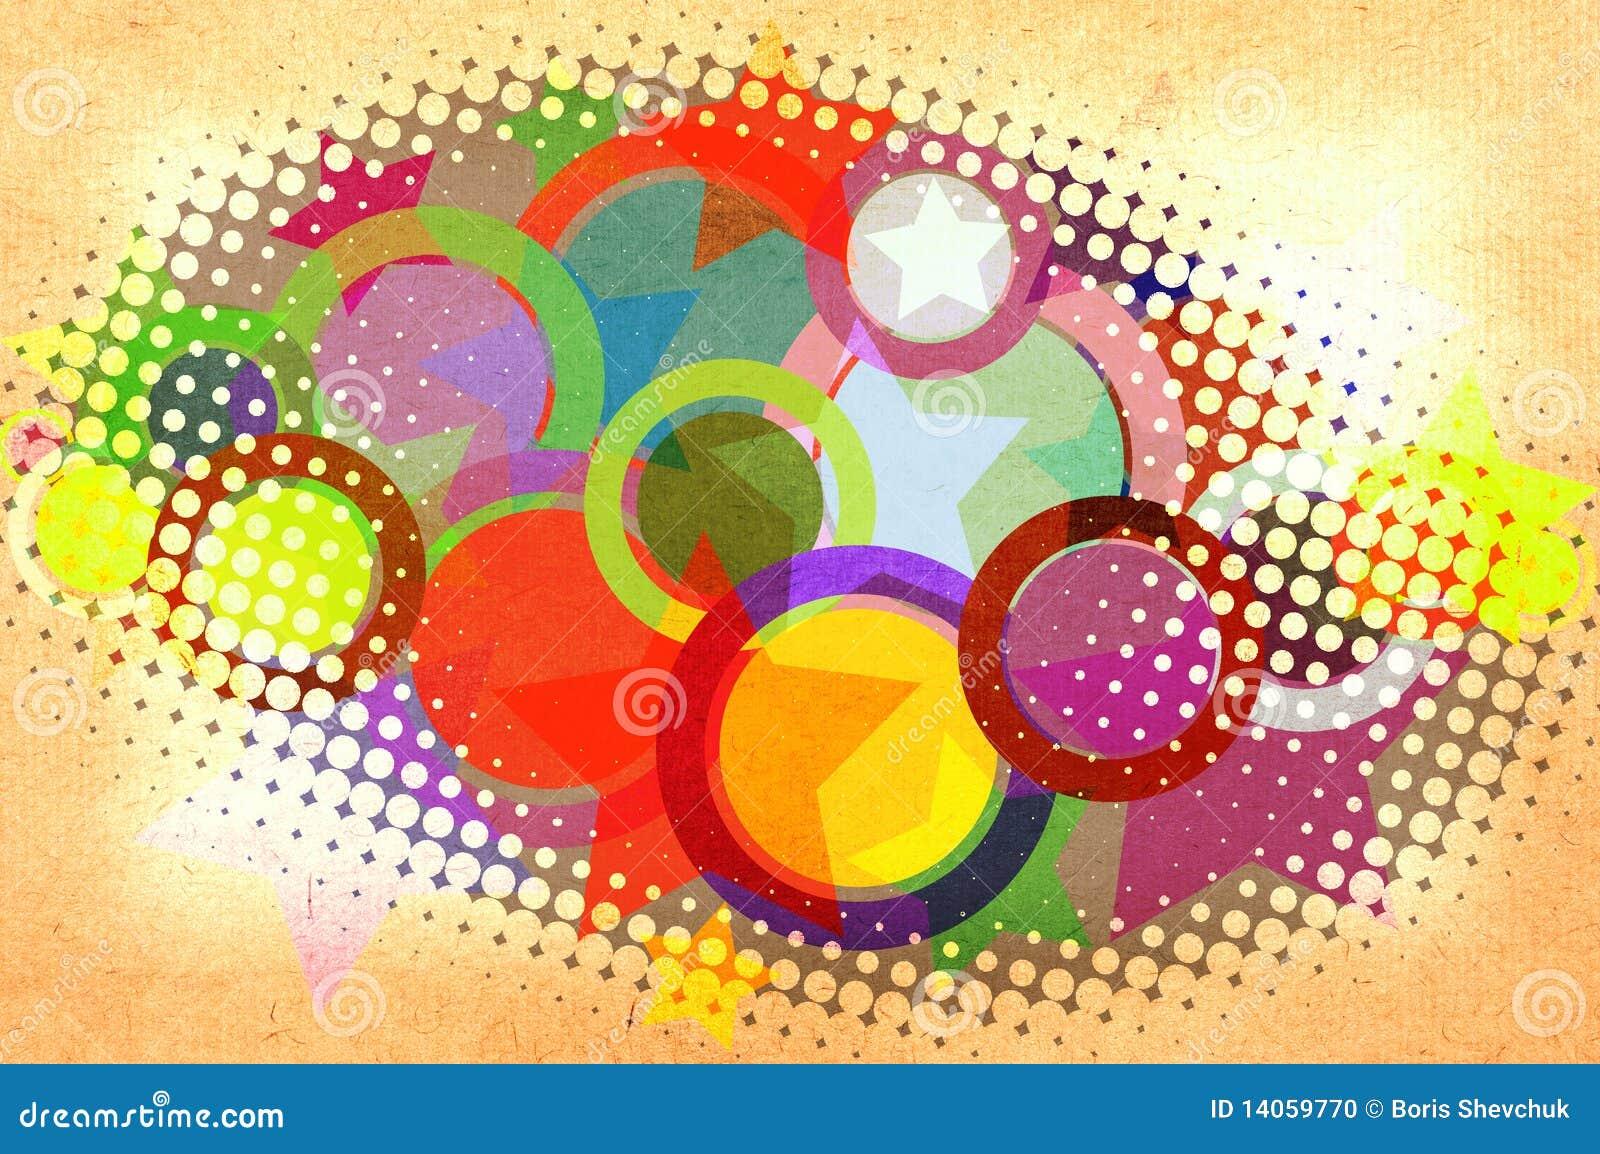 Kreise und Sterne auf einem Papier.